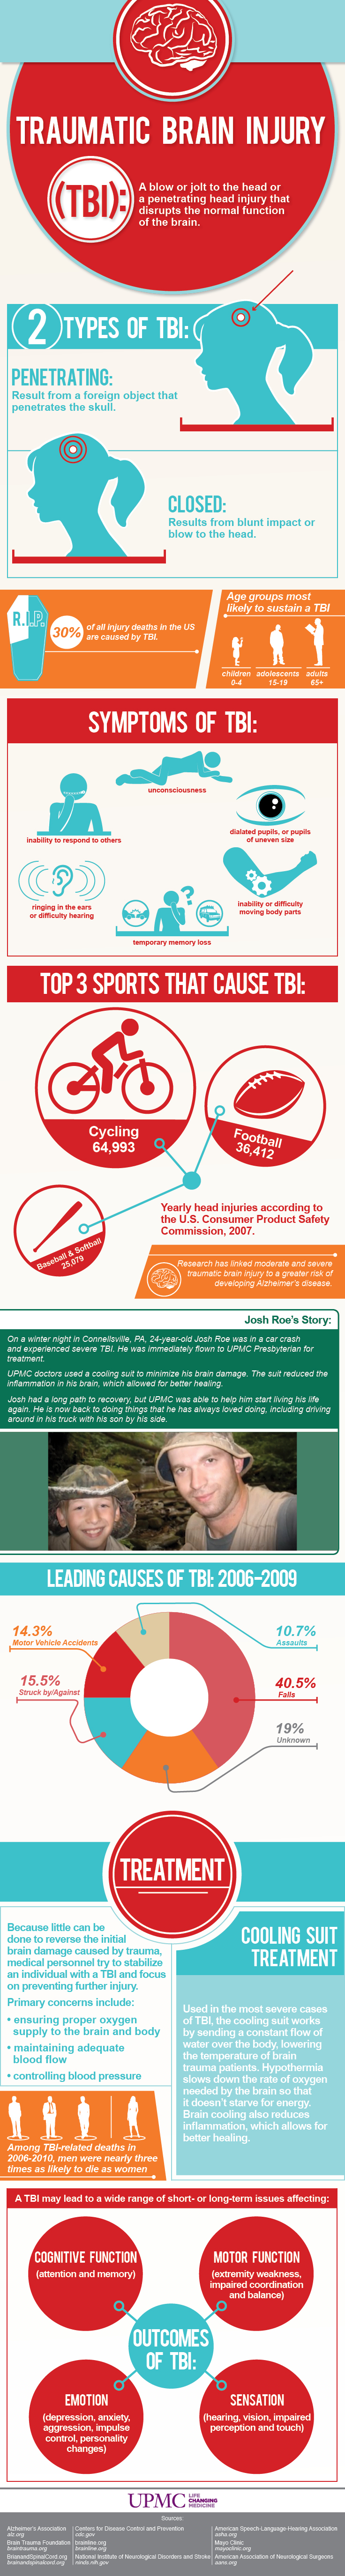 Traumatic Brain Injury Infographic